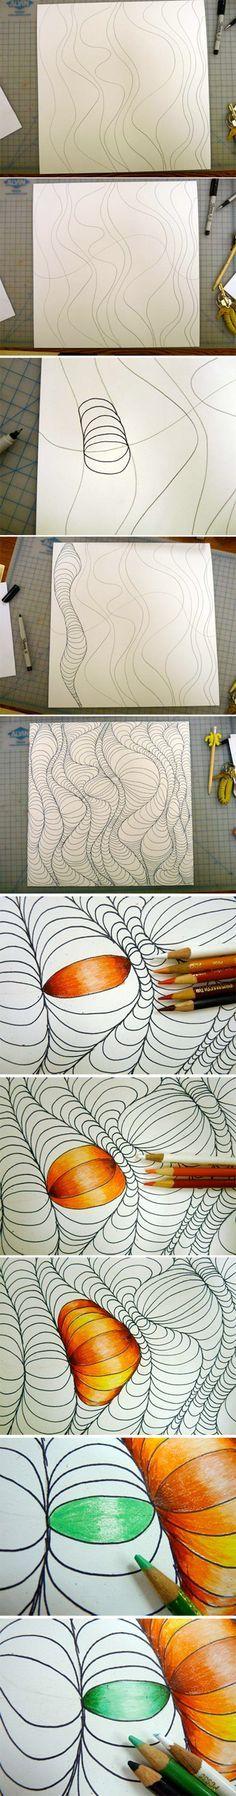 Diseños con ilusiones ópticas                                                                                                                                                                                 Más